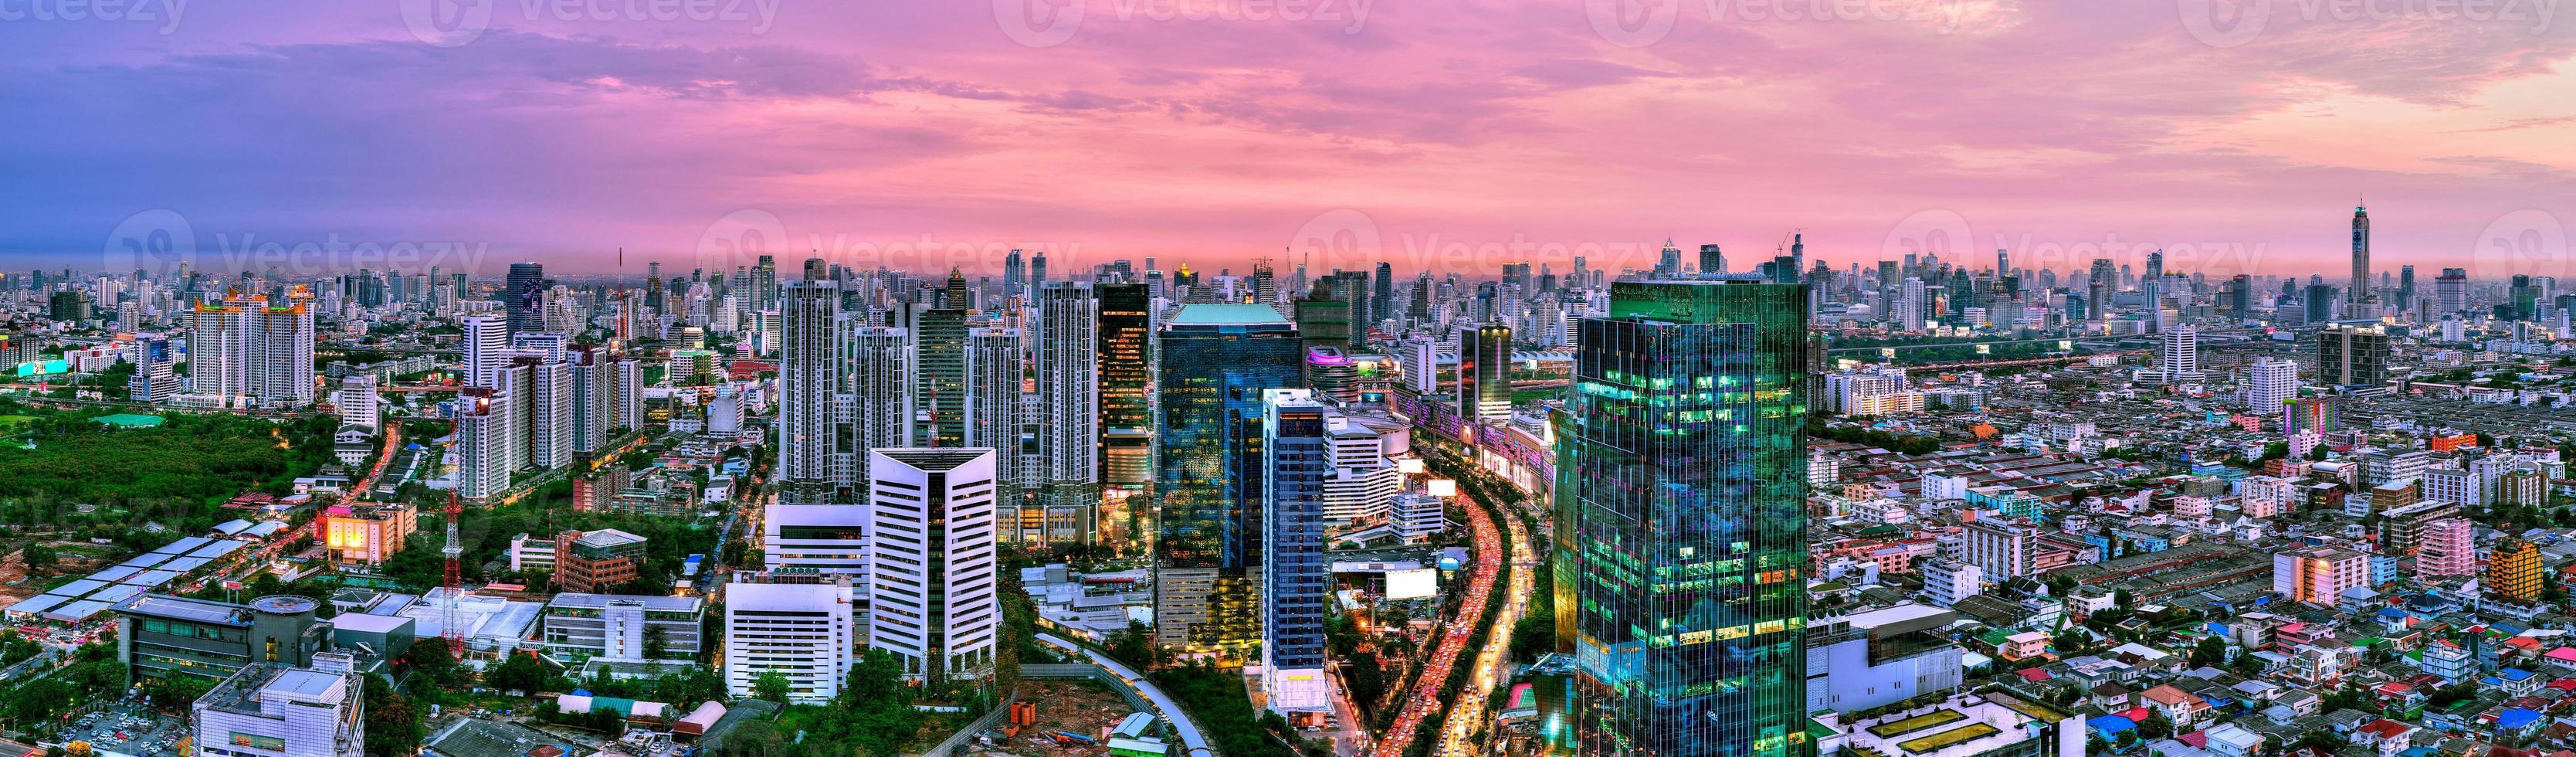 Vue panoramique de la ville de Bangkok au coucher du soleil, Thaïlande photo